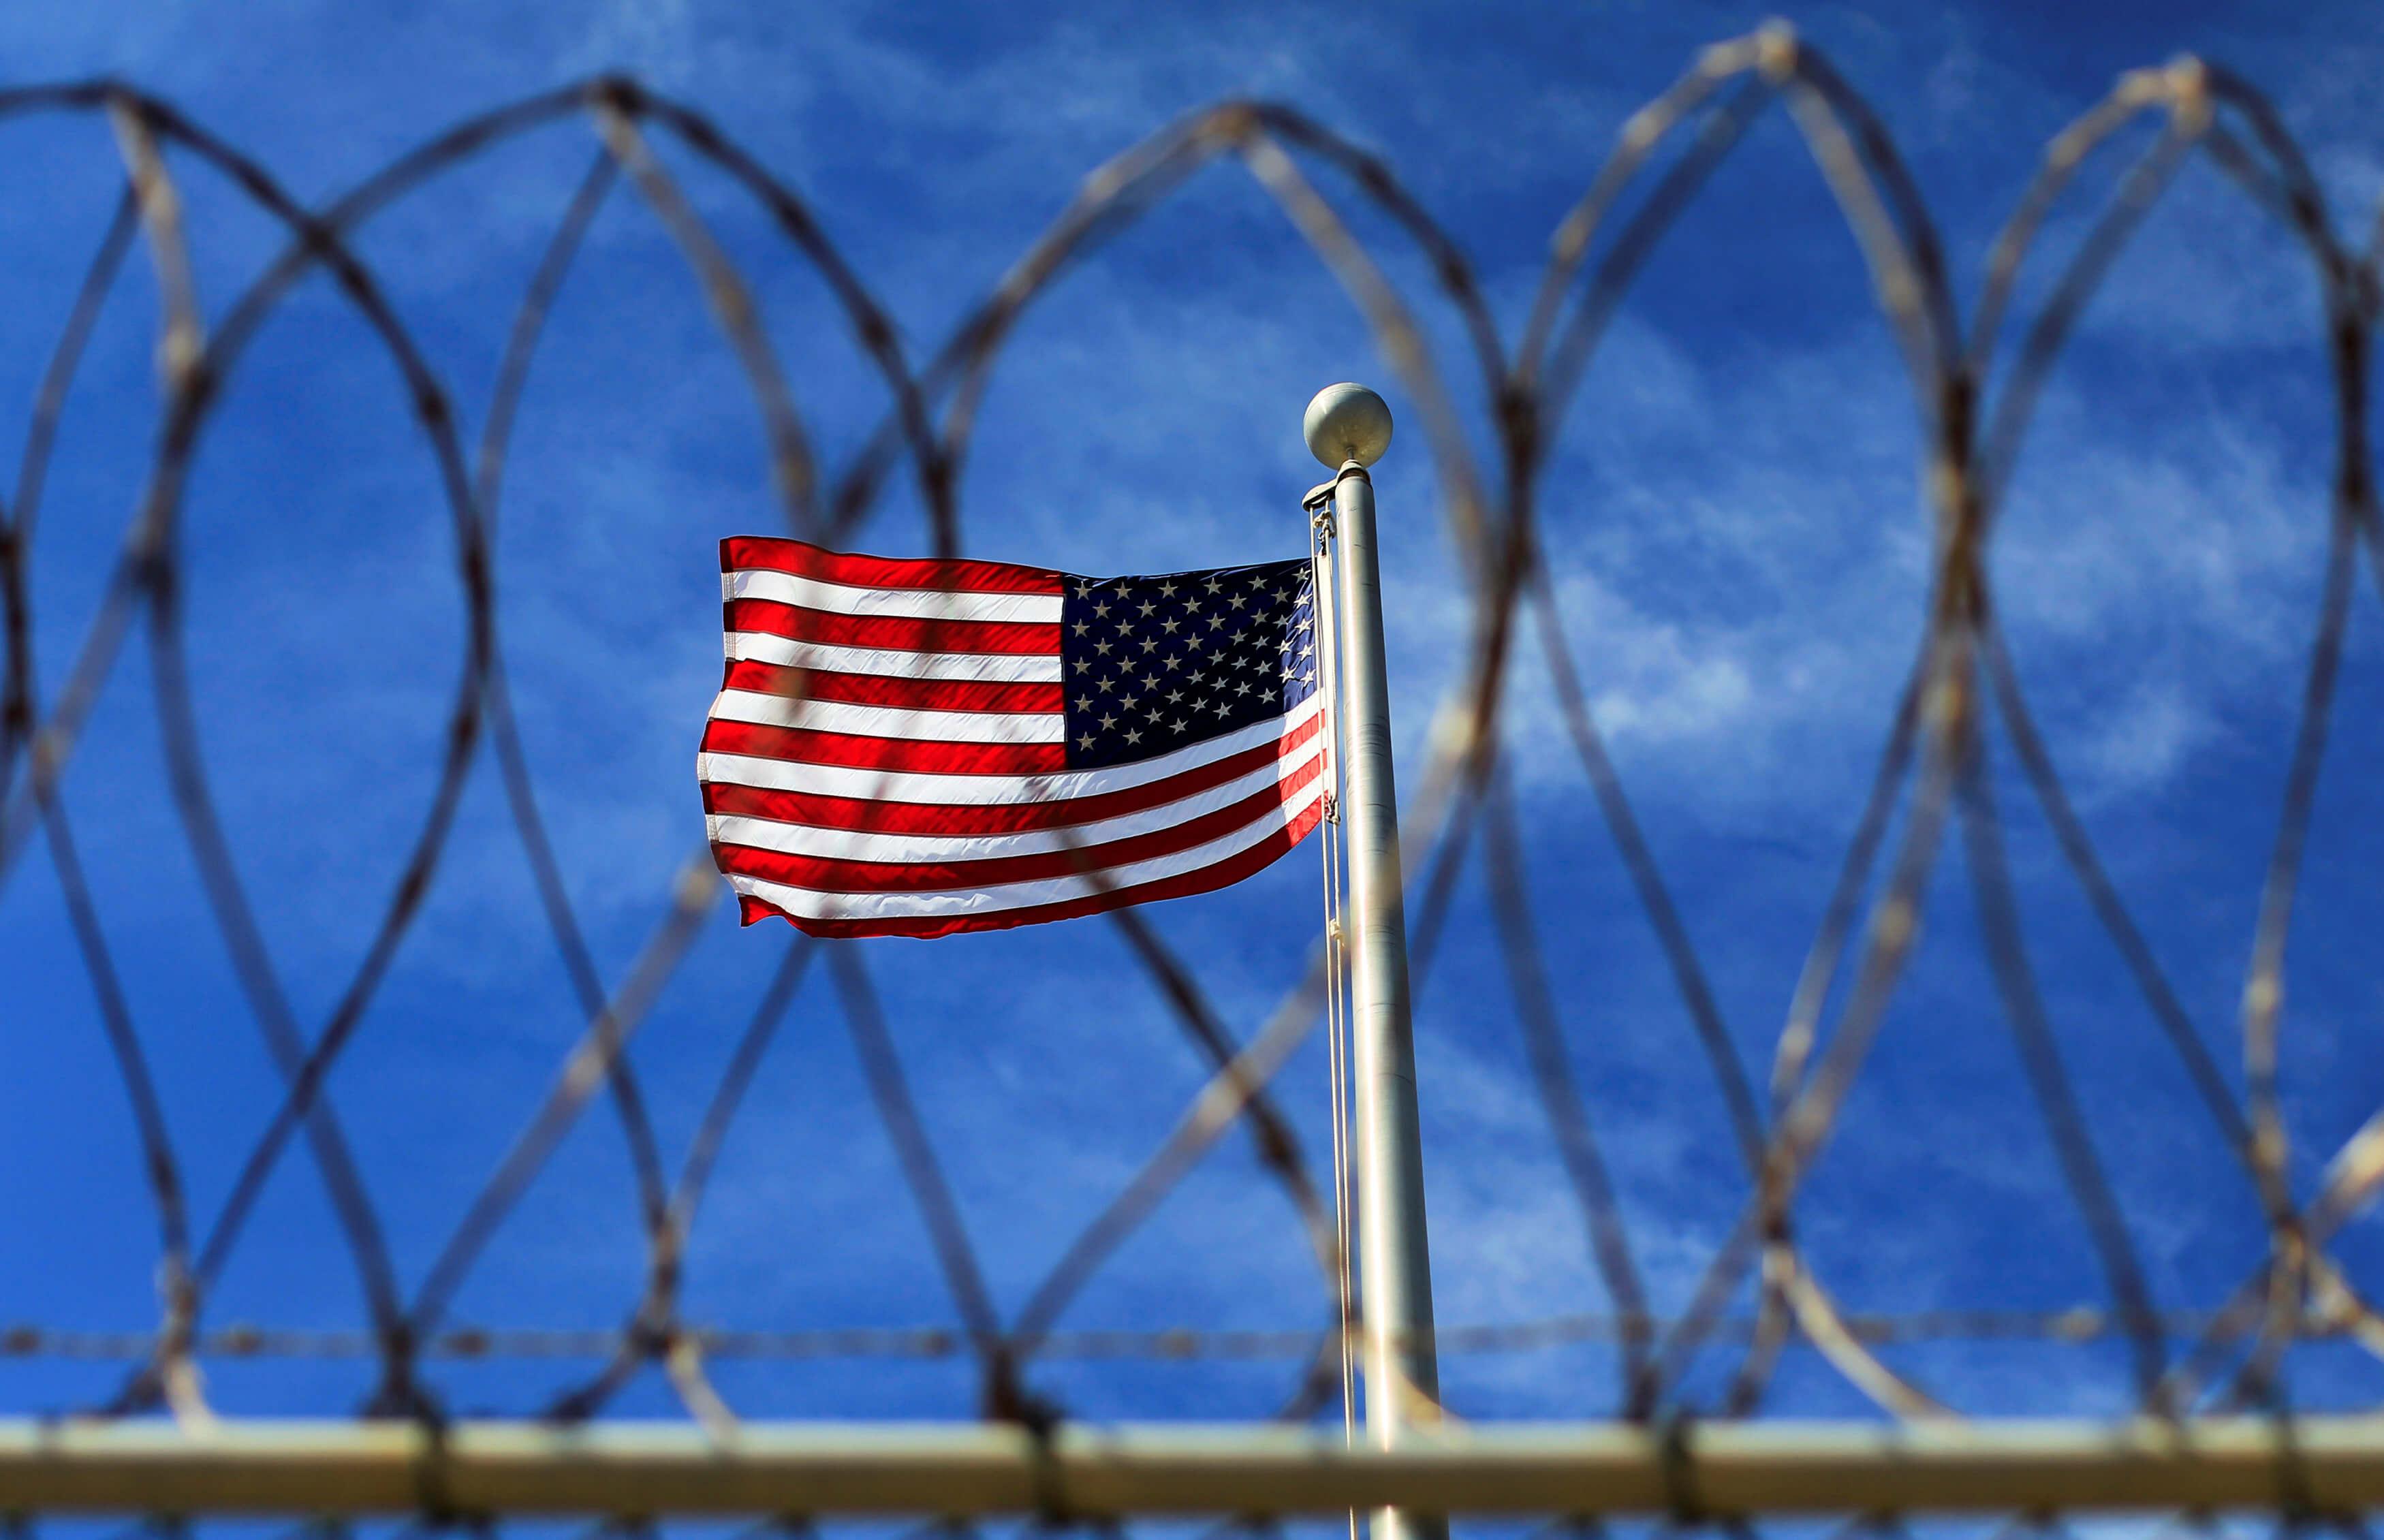 ΗΠΑ: Η Βιρτζίνια είναι πρώτη Πολιτεία του Νότου που θα καταργήσει τη θανατική ποινή